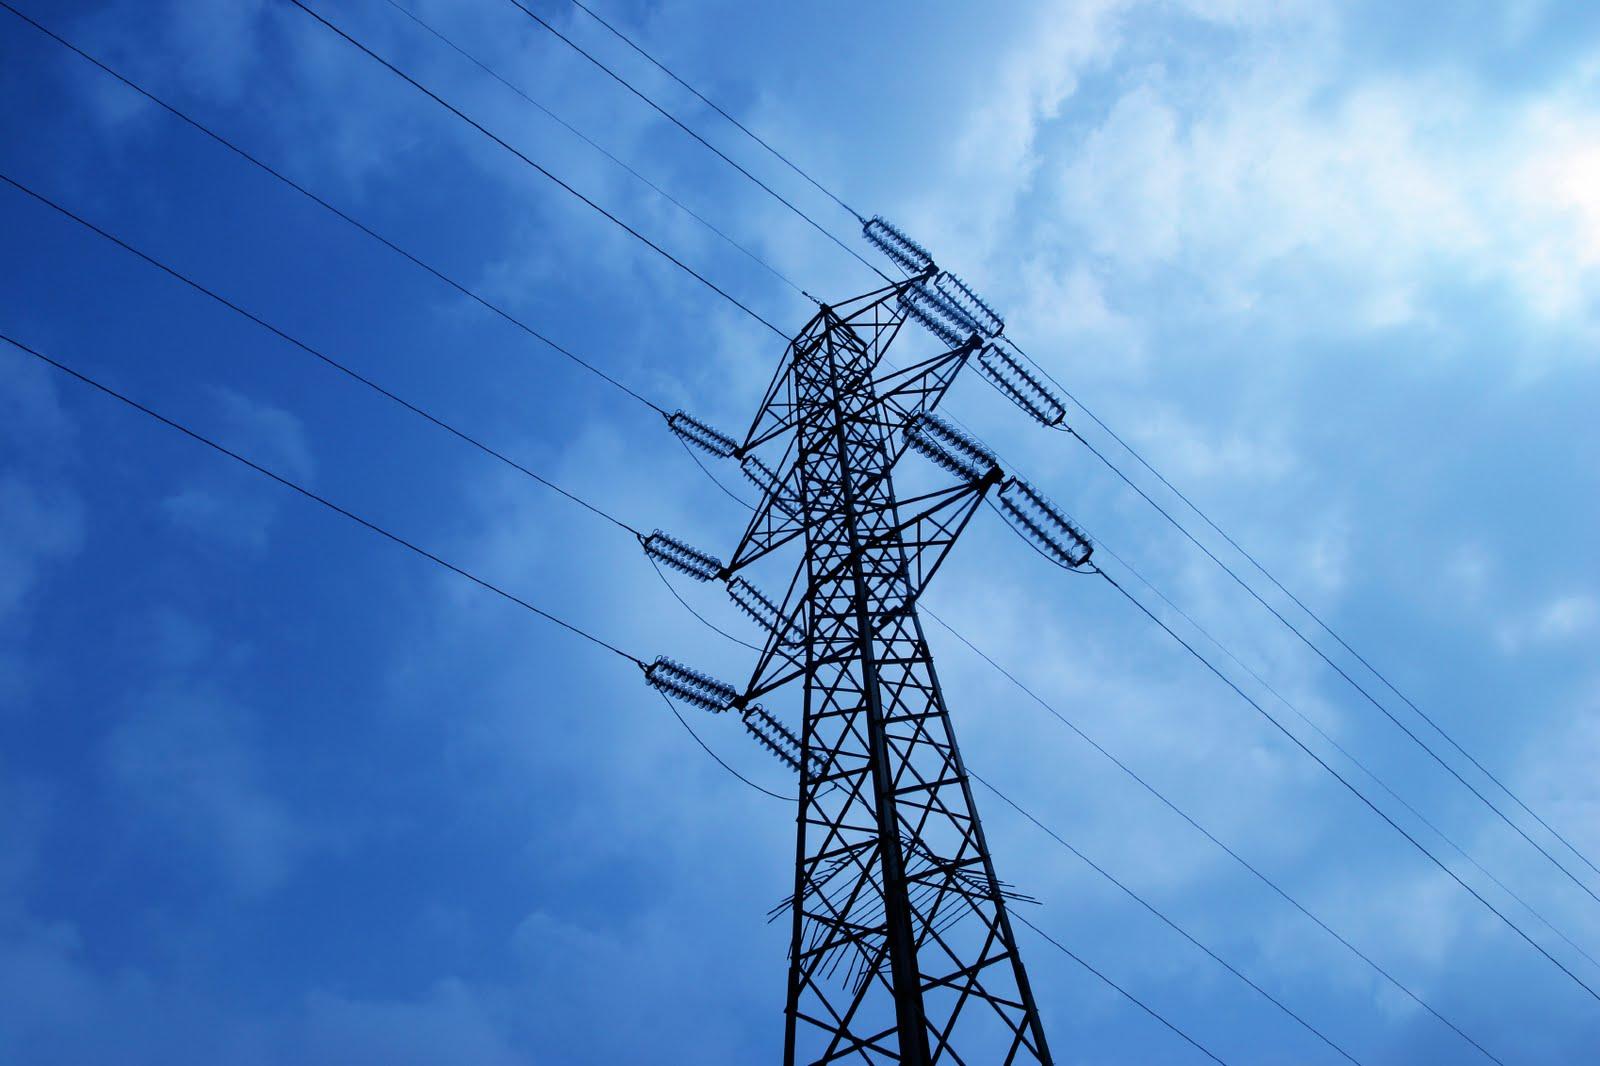 Вновь прекратились поставки украинской электроэнергии в Крым